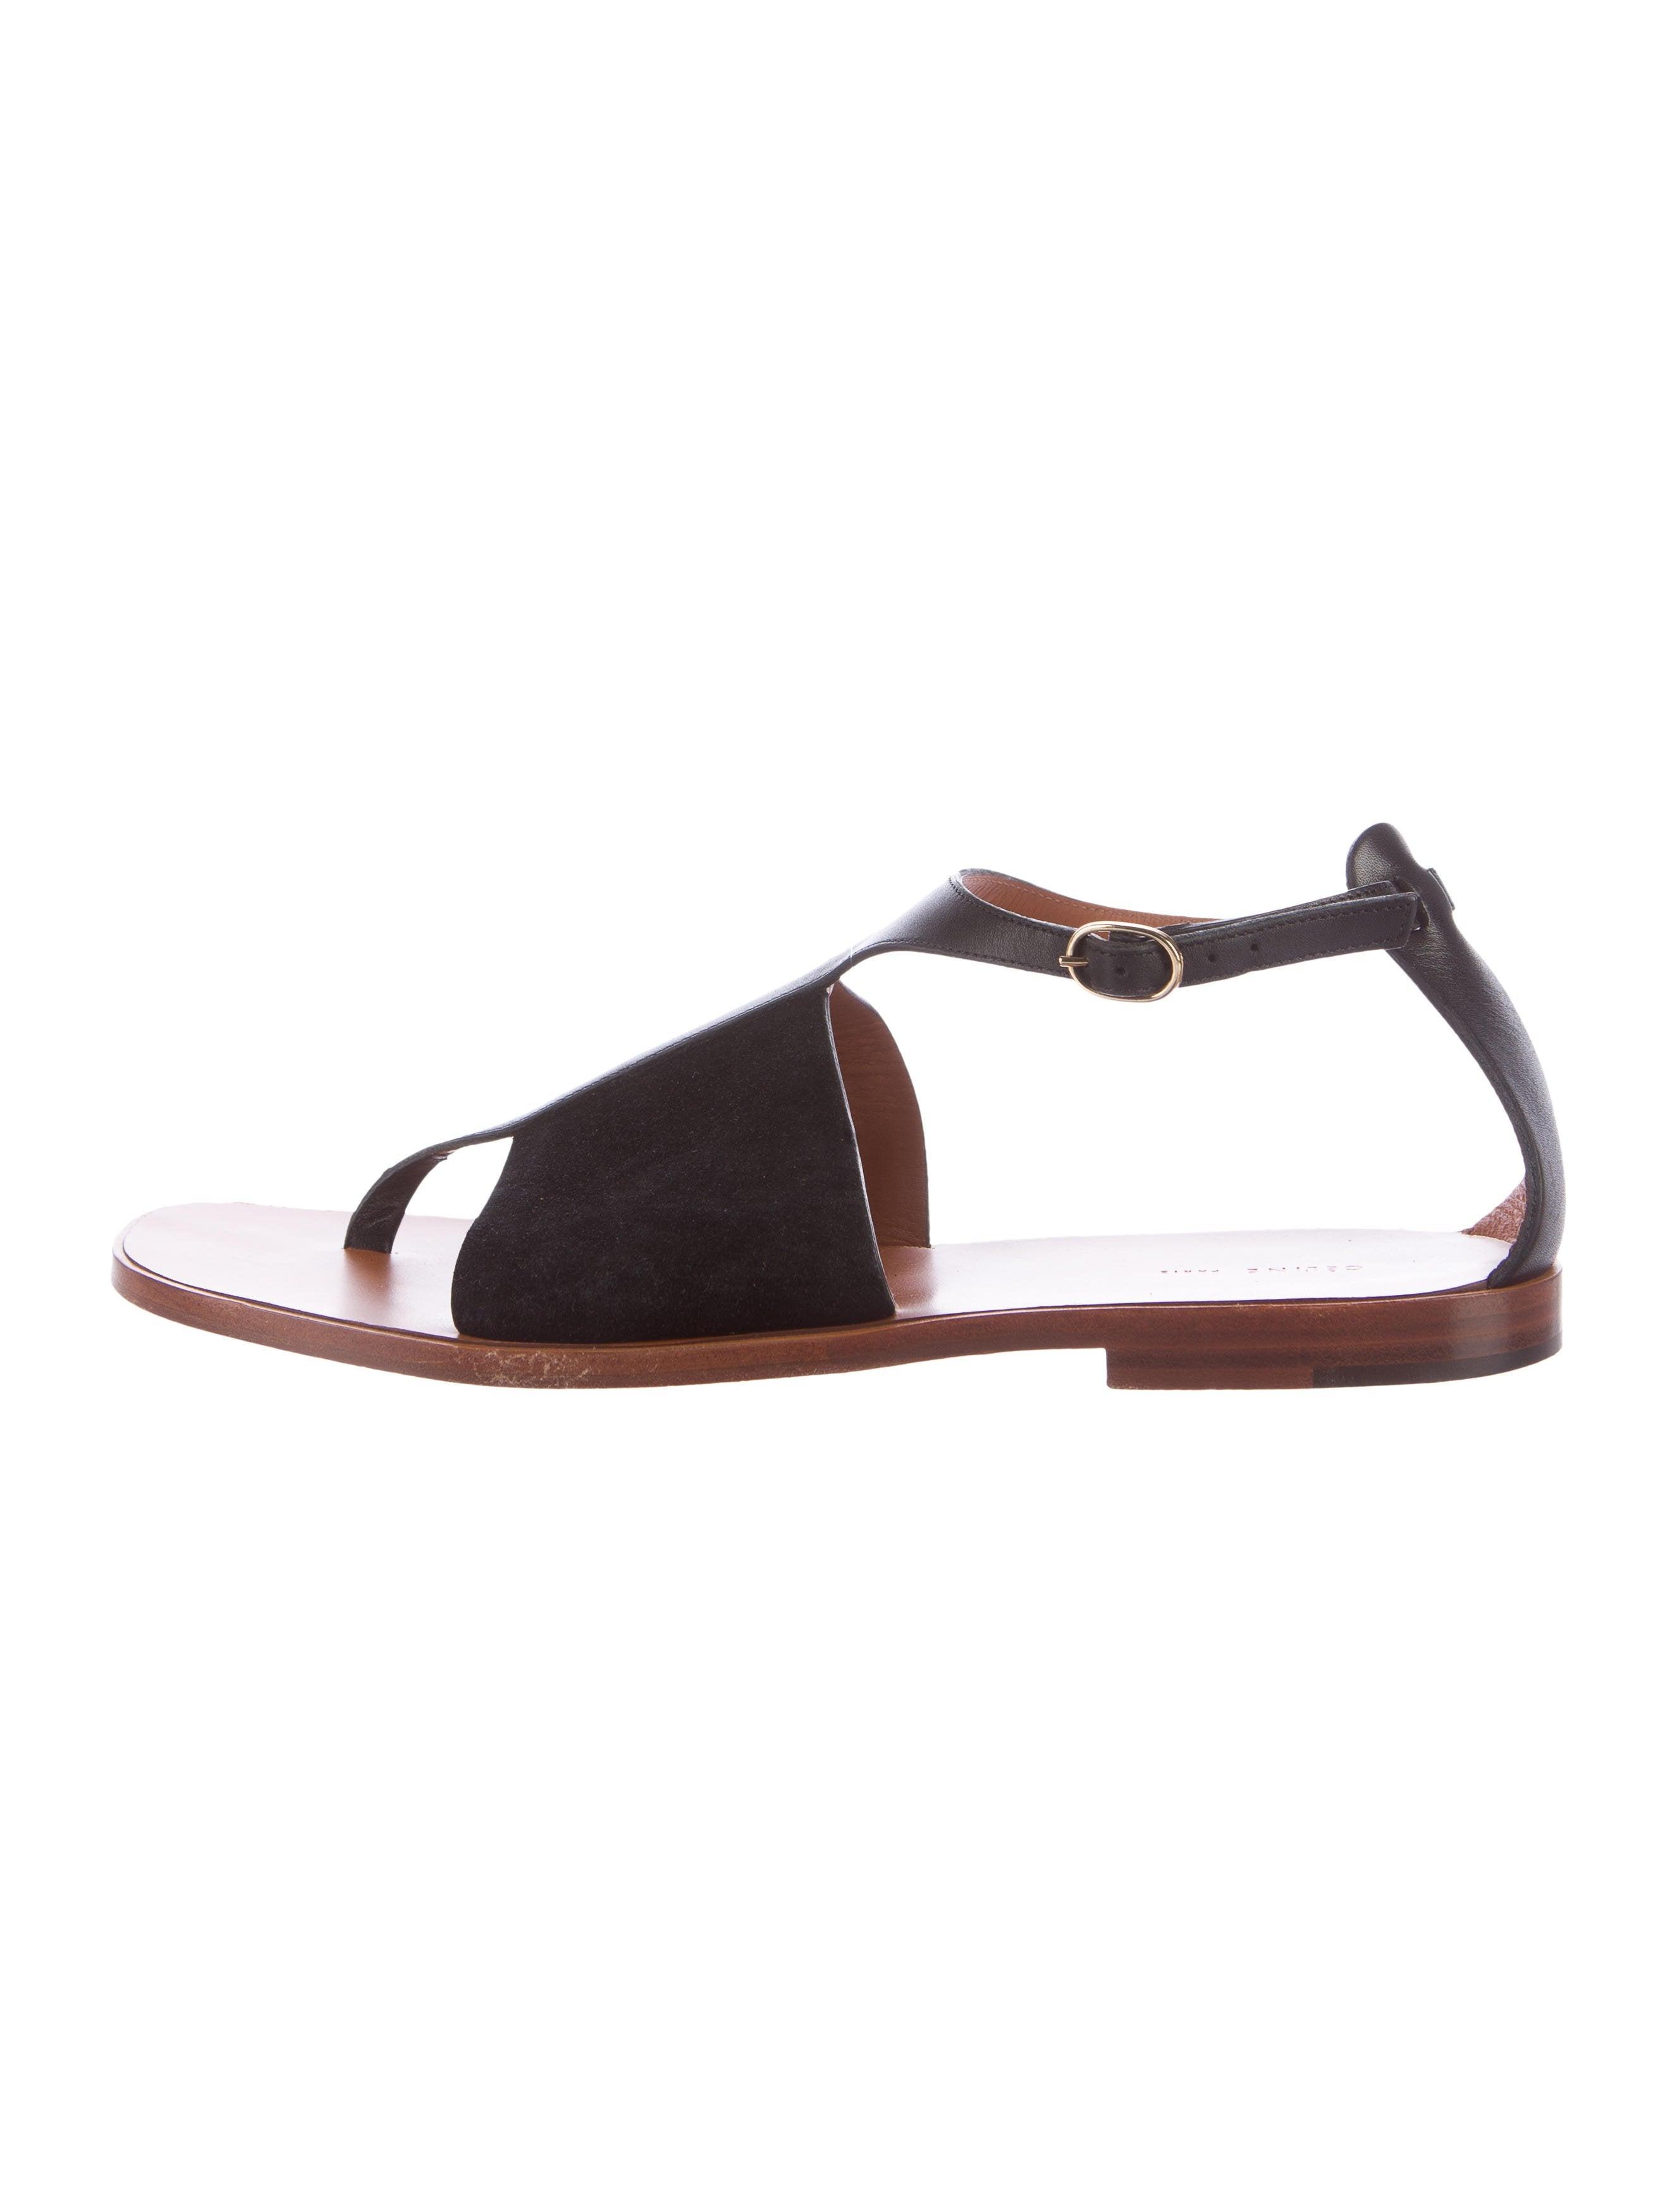 07d256f662f61c Céline Leather-Trimmed Thong Sandals - Shoes - CEL51225